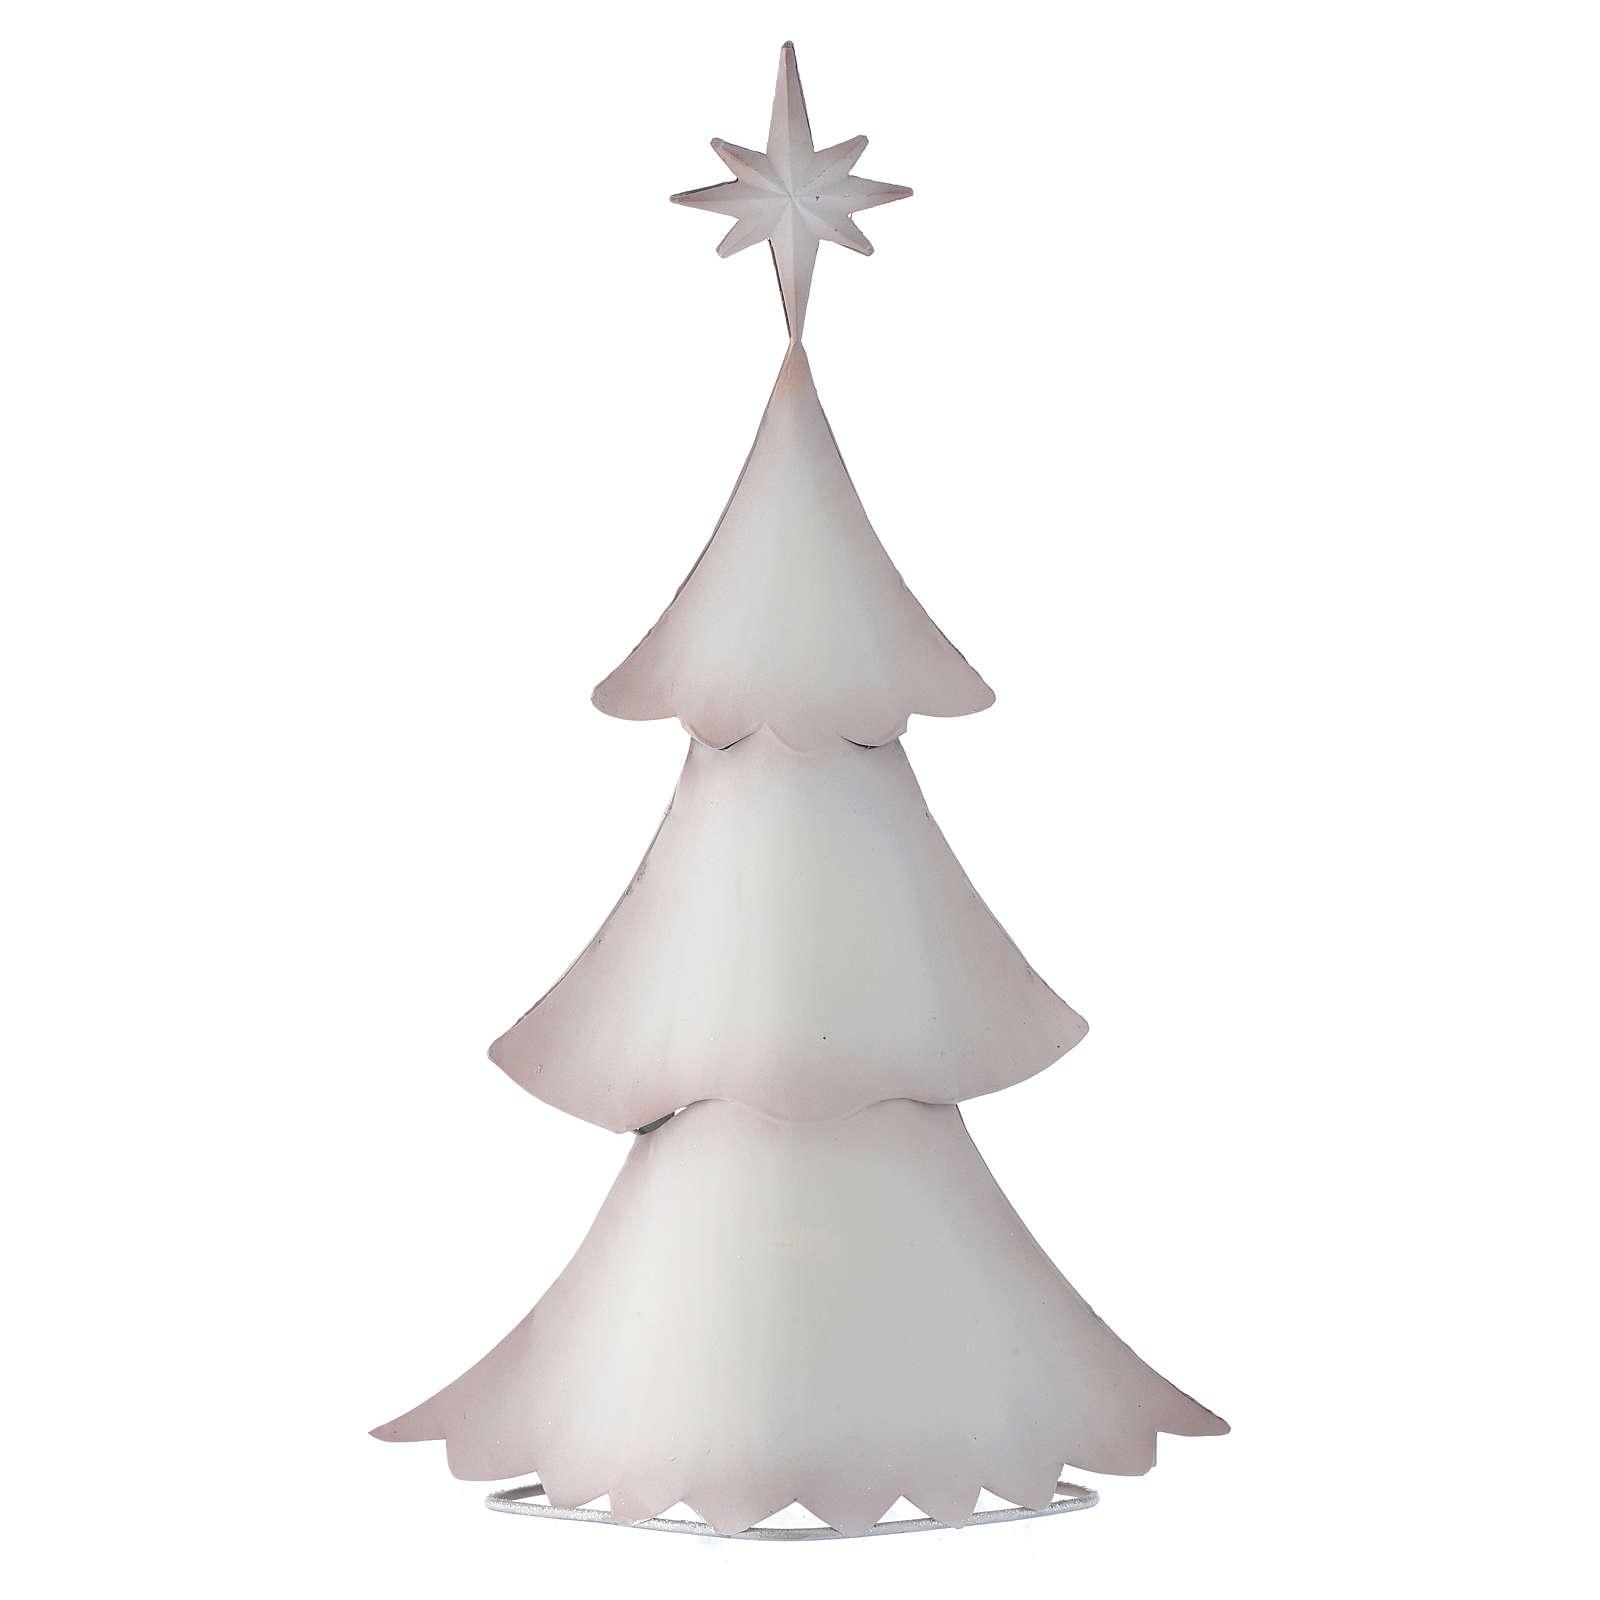 Stylised White Christmas tree in metal 3